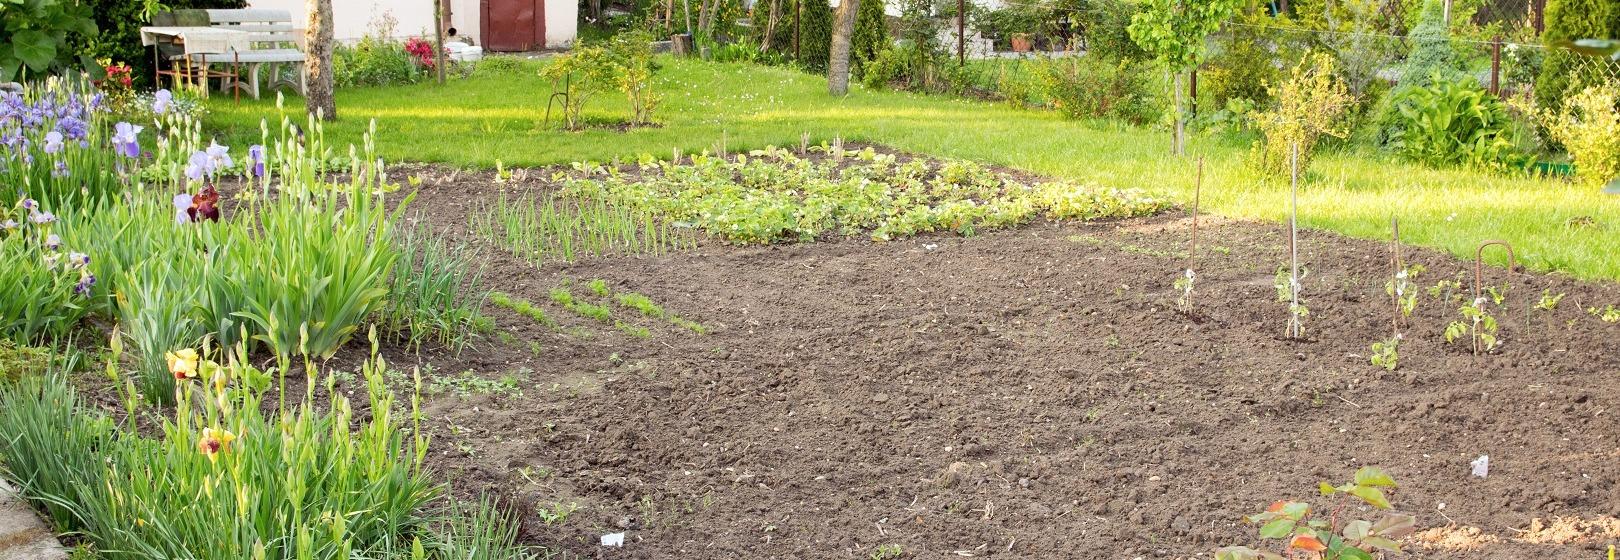 Działka rekreacyjna z ogródkiem